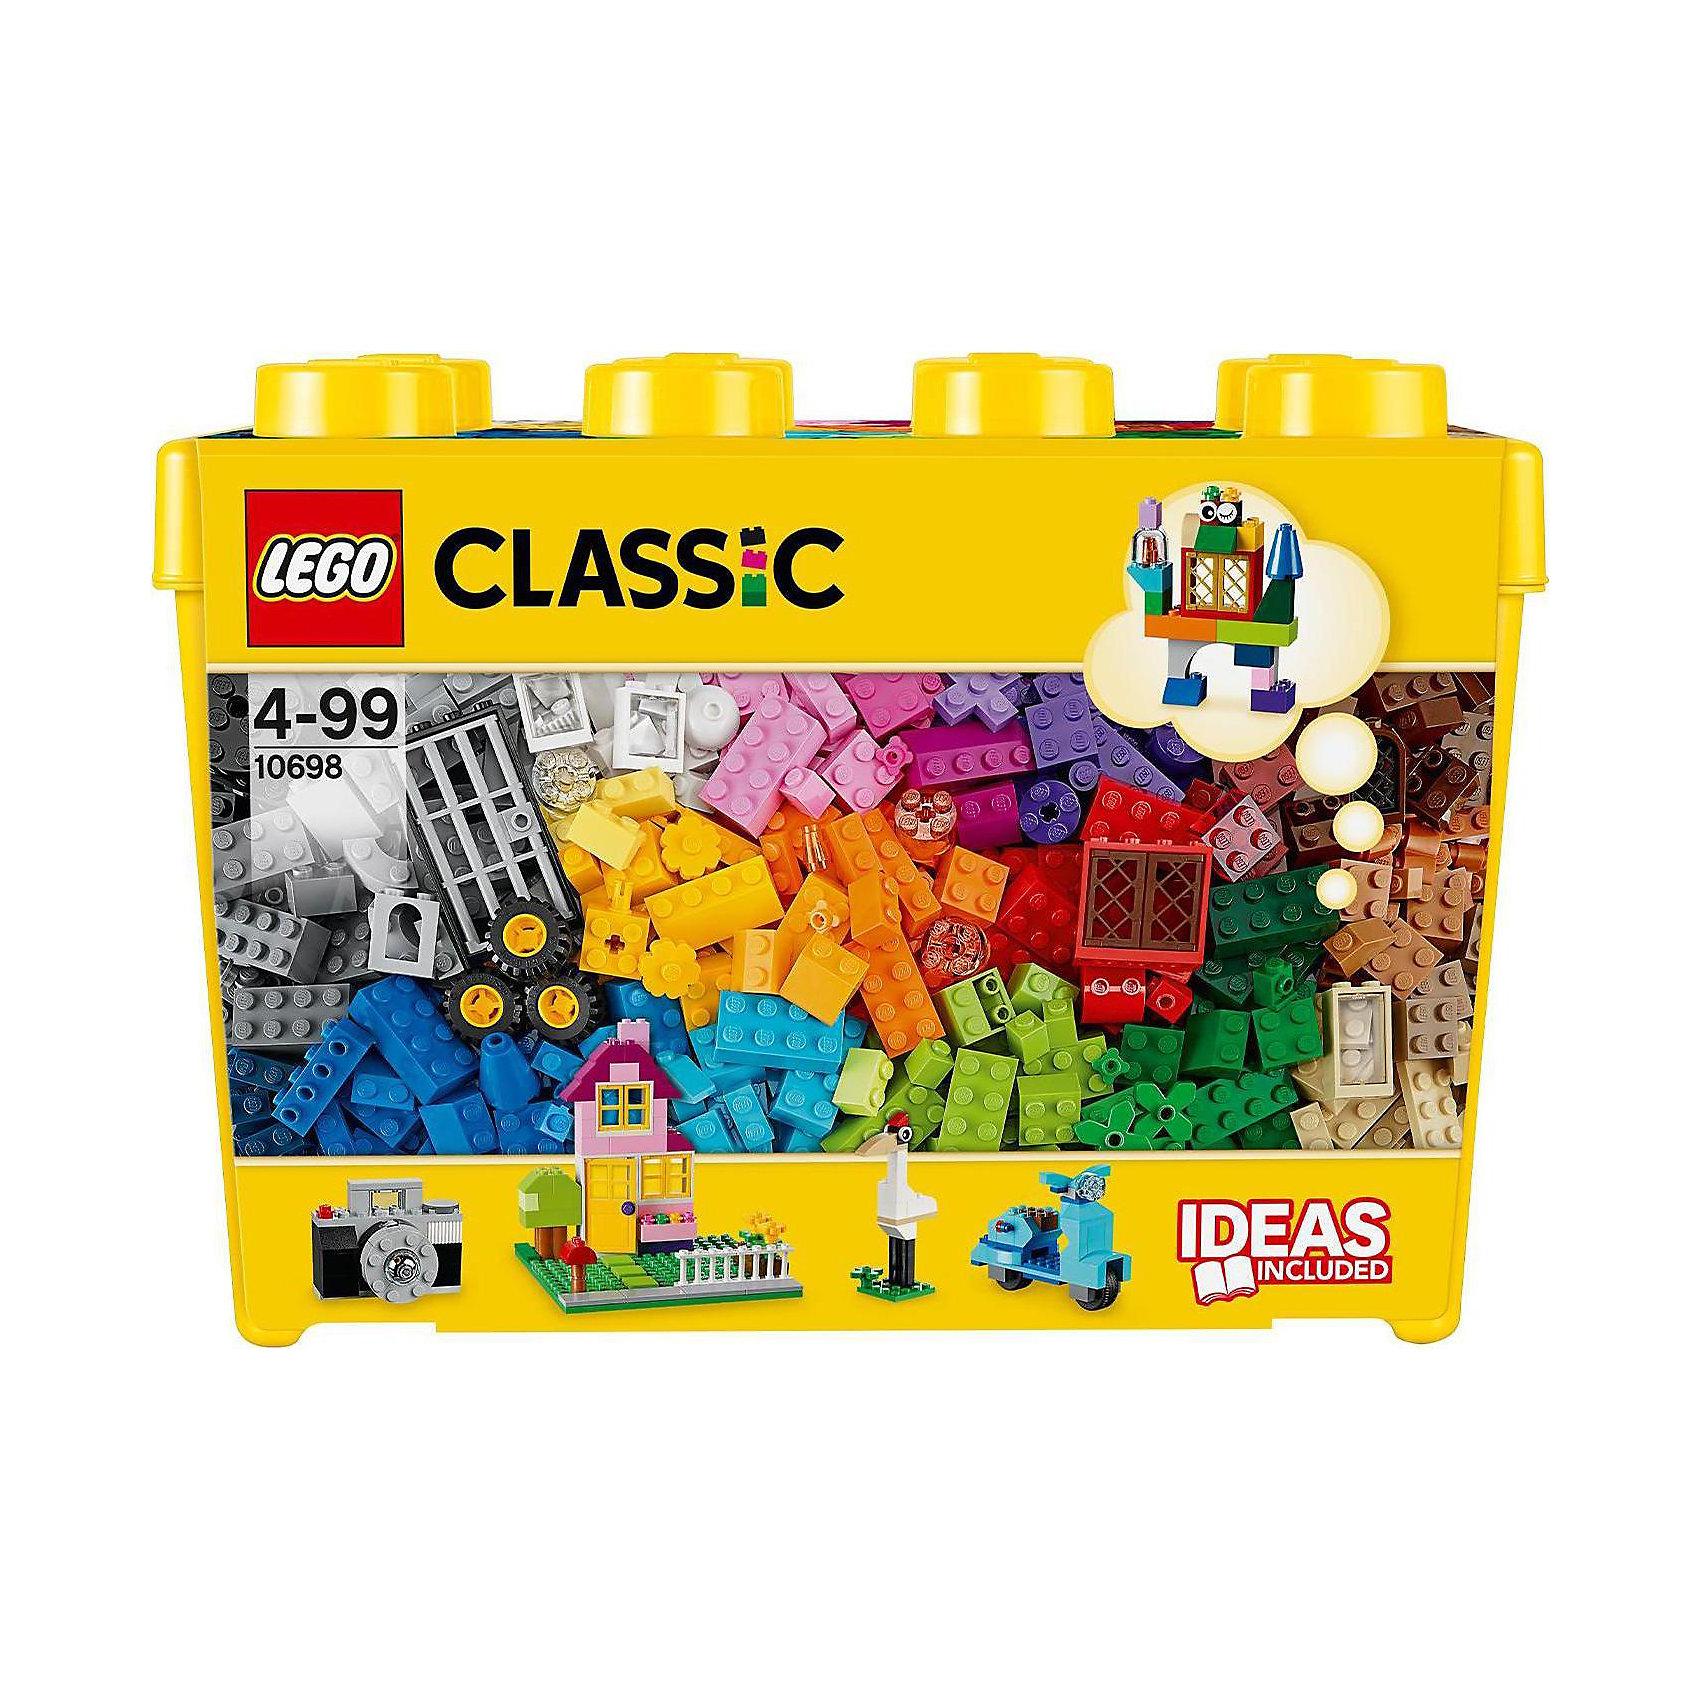 LEGO 10698: Набор для творчества большого размераПластмассовые конструкторы<br>Все: от фотоаппарата, до целого дома или квартала, не говоря уже о маленьких зверушках -  можно собрать с этим чудесным набором! Кубики ярких цветов и причудливые элементы позволят собрать все, что придет вам в голову! Не знаете с чего начать? Воспользуйтесь инструкцией с идеями и рекомендациями дизайнеров. Этот набор идеально дополнит либо уже имеющийся набор LEGO.<br><br>Наборы для творчества LEGO (ЛЕГО)  идеальны для начинающих строителей всех возрастов. Они также дополнят любую имеющуюся коллекцию LEGO. Набор упакован в удобную пластиковую коробку. <br><br>Дополнительная информация:<br><br>- Конструкторы ЛЕГО развивают усидчивость, внимание, фантазию и мелкую моторику. <br>- Комплектация: колеса, пропеллеры, стандартные кубики, кубики с рисунками, двери, окна, колеса.<br>- 2 демонстрационные пластины: 16х16 см; 12х6 см. <br>- Количество деталей: 790 шт.<br>- Серия ЛЕГО (LEGO) Наборы для творчества.<br>- Материал: пластик.<br>- Размер упаковки: 37х26,5х18 см.<br>- Вес: 1,882 кг.<br><br>LEGO 10698: Набор для творчества большого размера можно купить в нашем магазине.<br><br>Ширина мм: 366<br>Глубина мм: 182<br>Высота мм: 261<br>Вес г: 1571<br>Возраст от месяцев: 48<br>Возраст до месяцев: 144<br>Пол: Унисекс<br>Возраст: Детский<br>SKU: 3996084